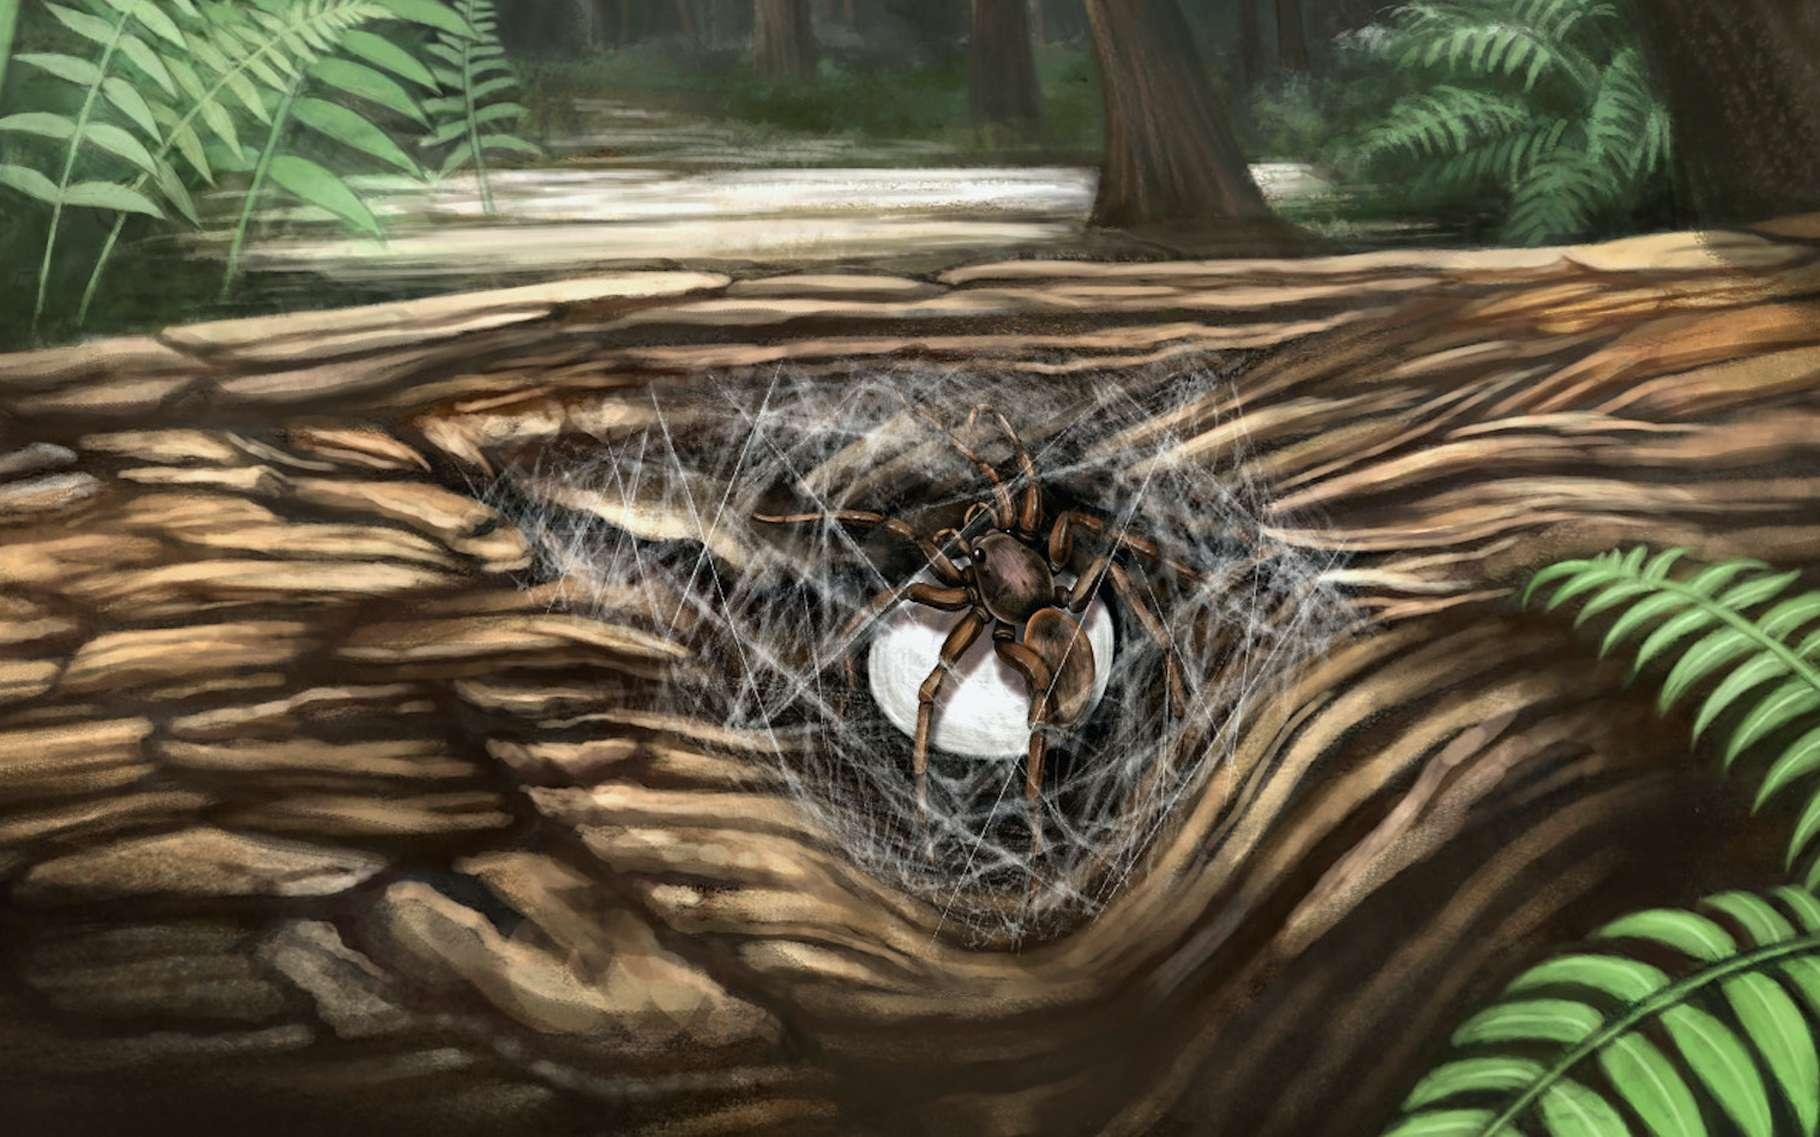 Au cœur du Crétacé, cette maman araignée prenait soin de ses petits. © Xiaoran Zuo, Université normale de la capitale (Chine)